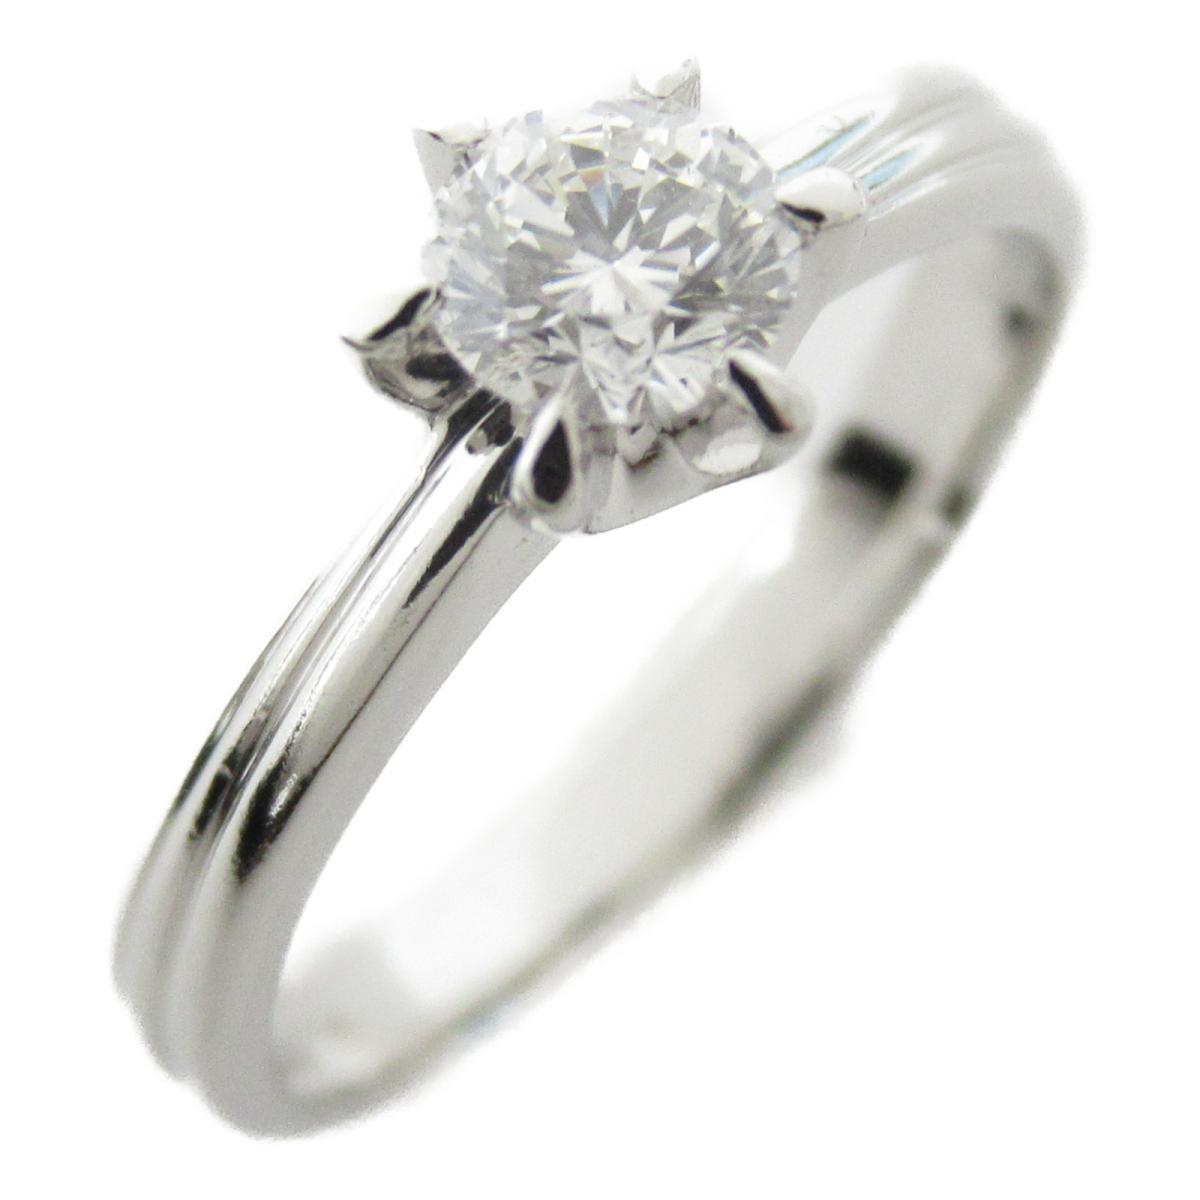 ジュエリー 一粒 ダイヤモンド リング 指輪 ノーブランドジュエリー レディース PT900 プラチナ x ダイヤモンド0.313ct 【中古】 | JEWELRY BRANDOFF ブランドオフ アクセサリー